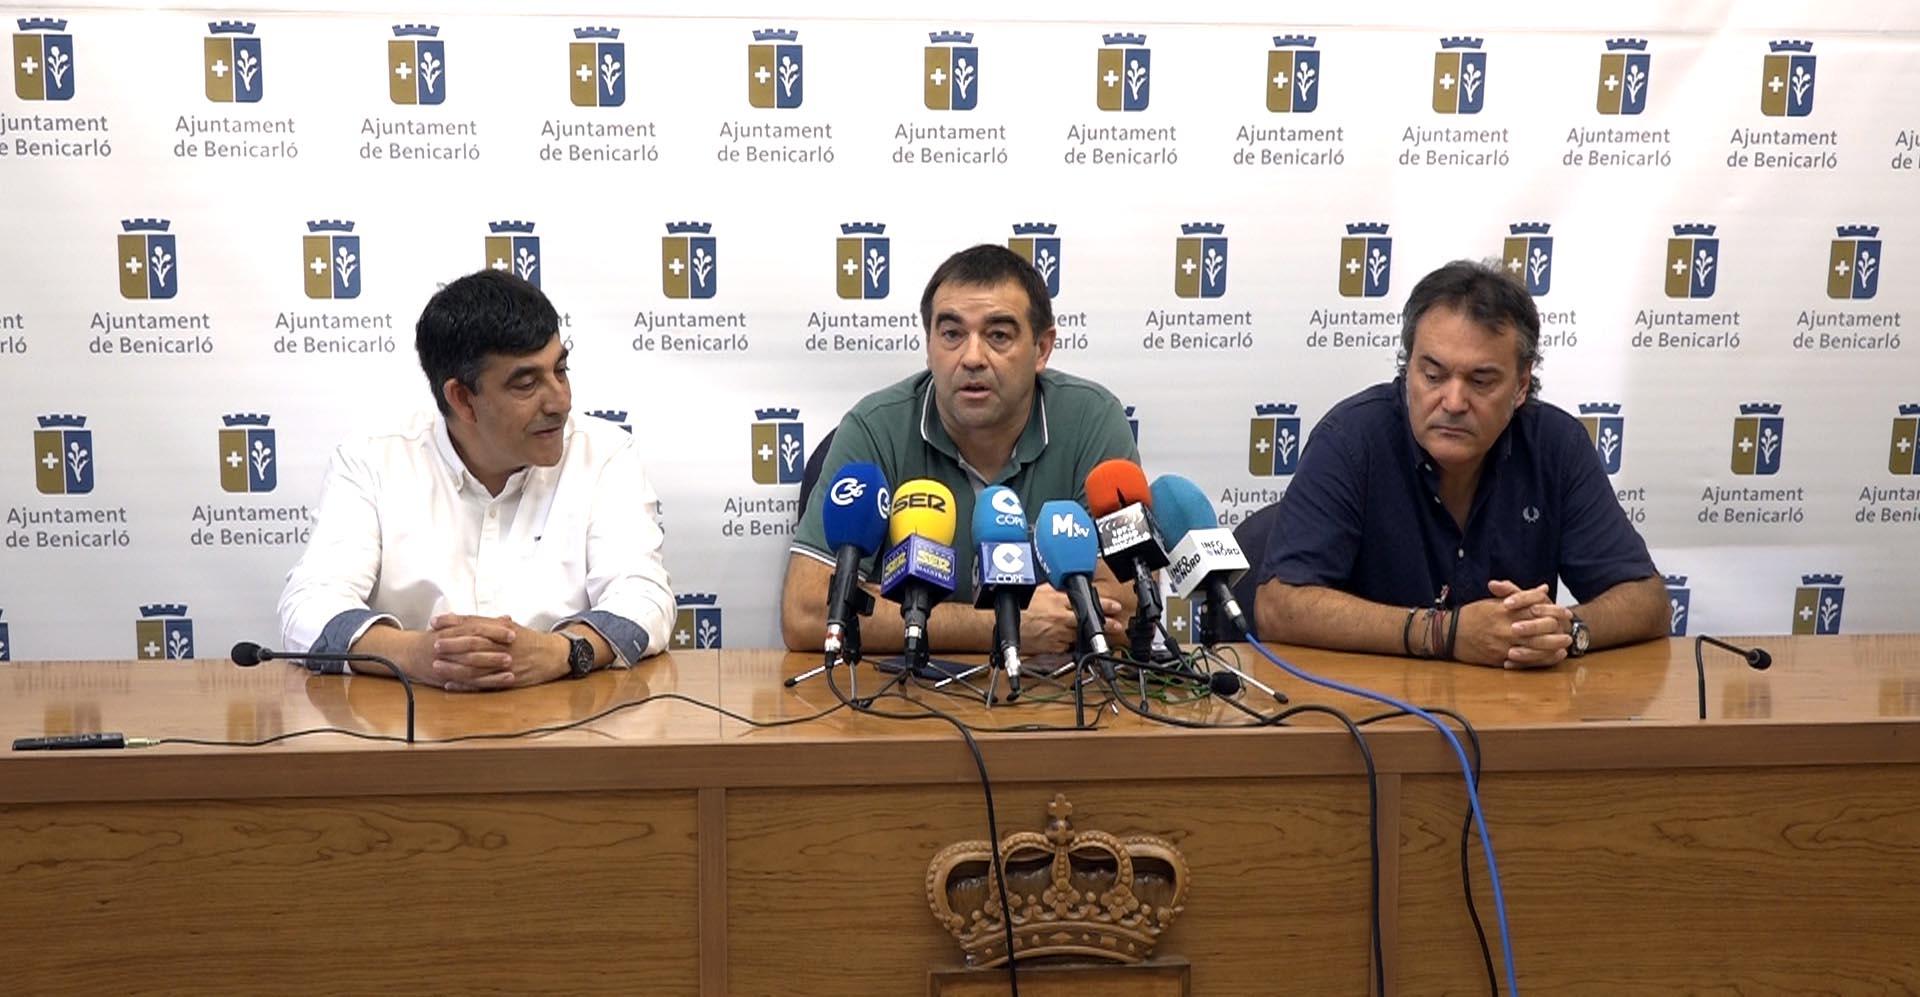 Benicarló, l'Ajuntament es compromet a donar el màxim suport al Bàsquet Benicarló en el nou repte de la LEB Plata